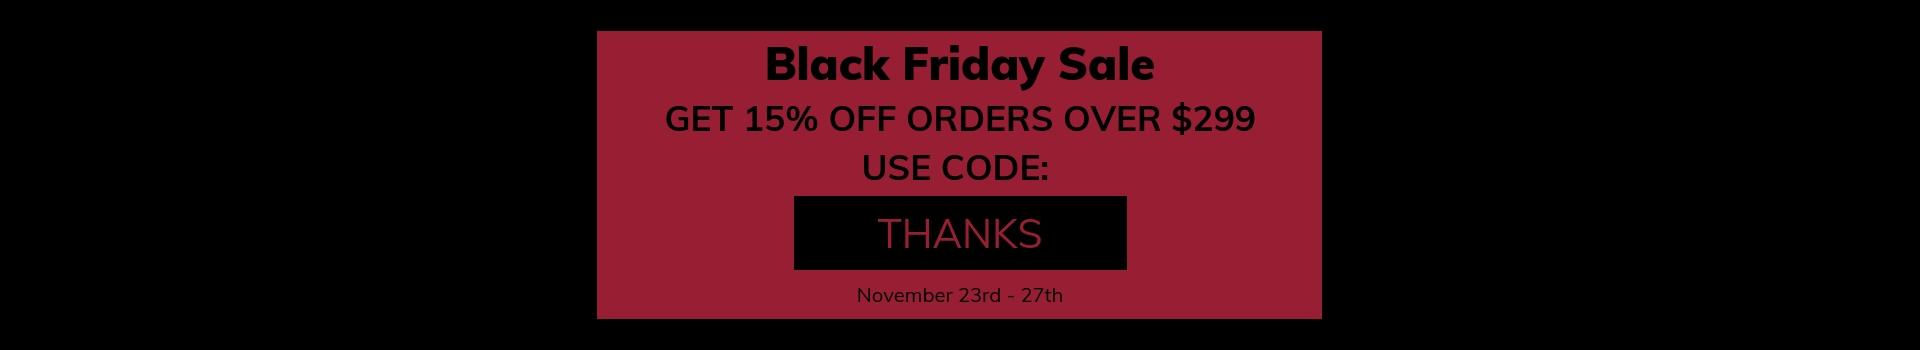 Black Friday Sales at Wholesale Distributors USA